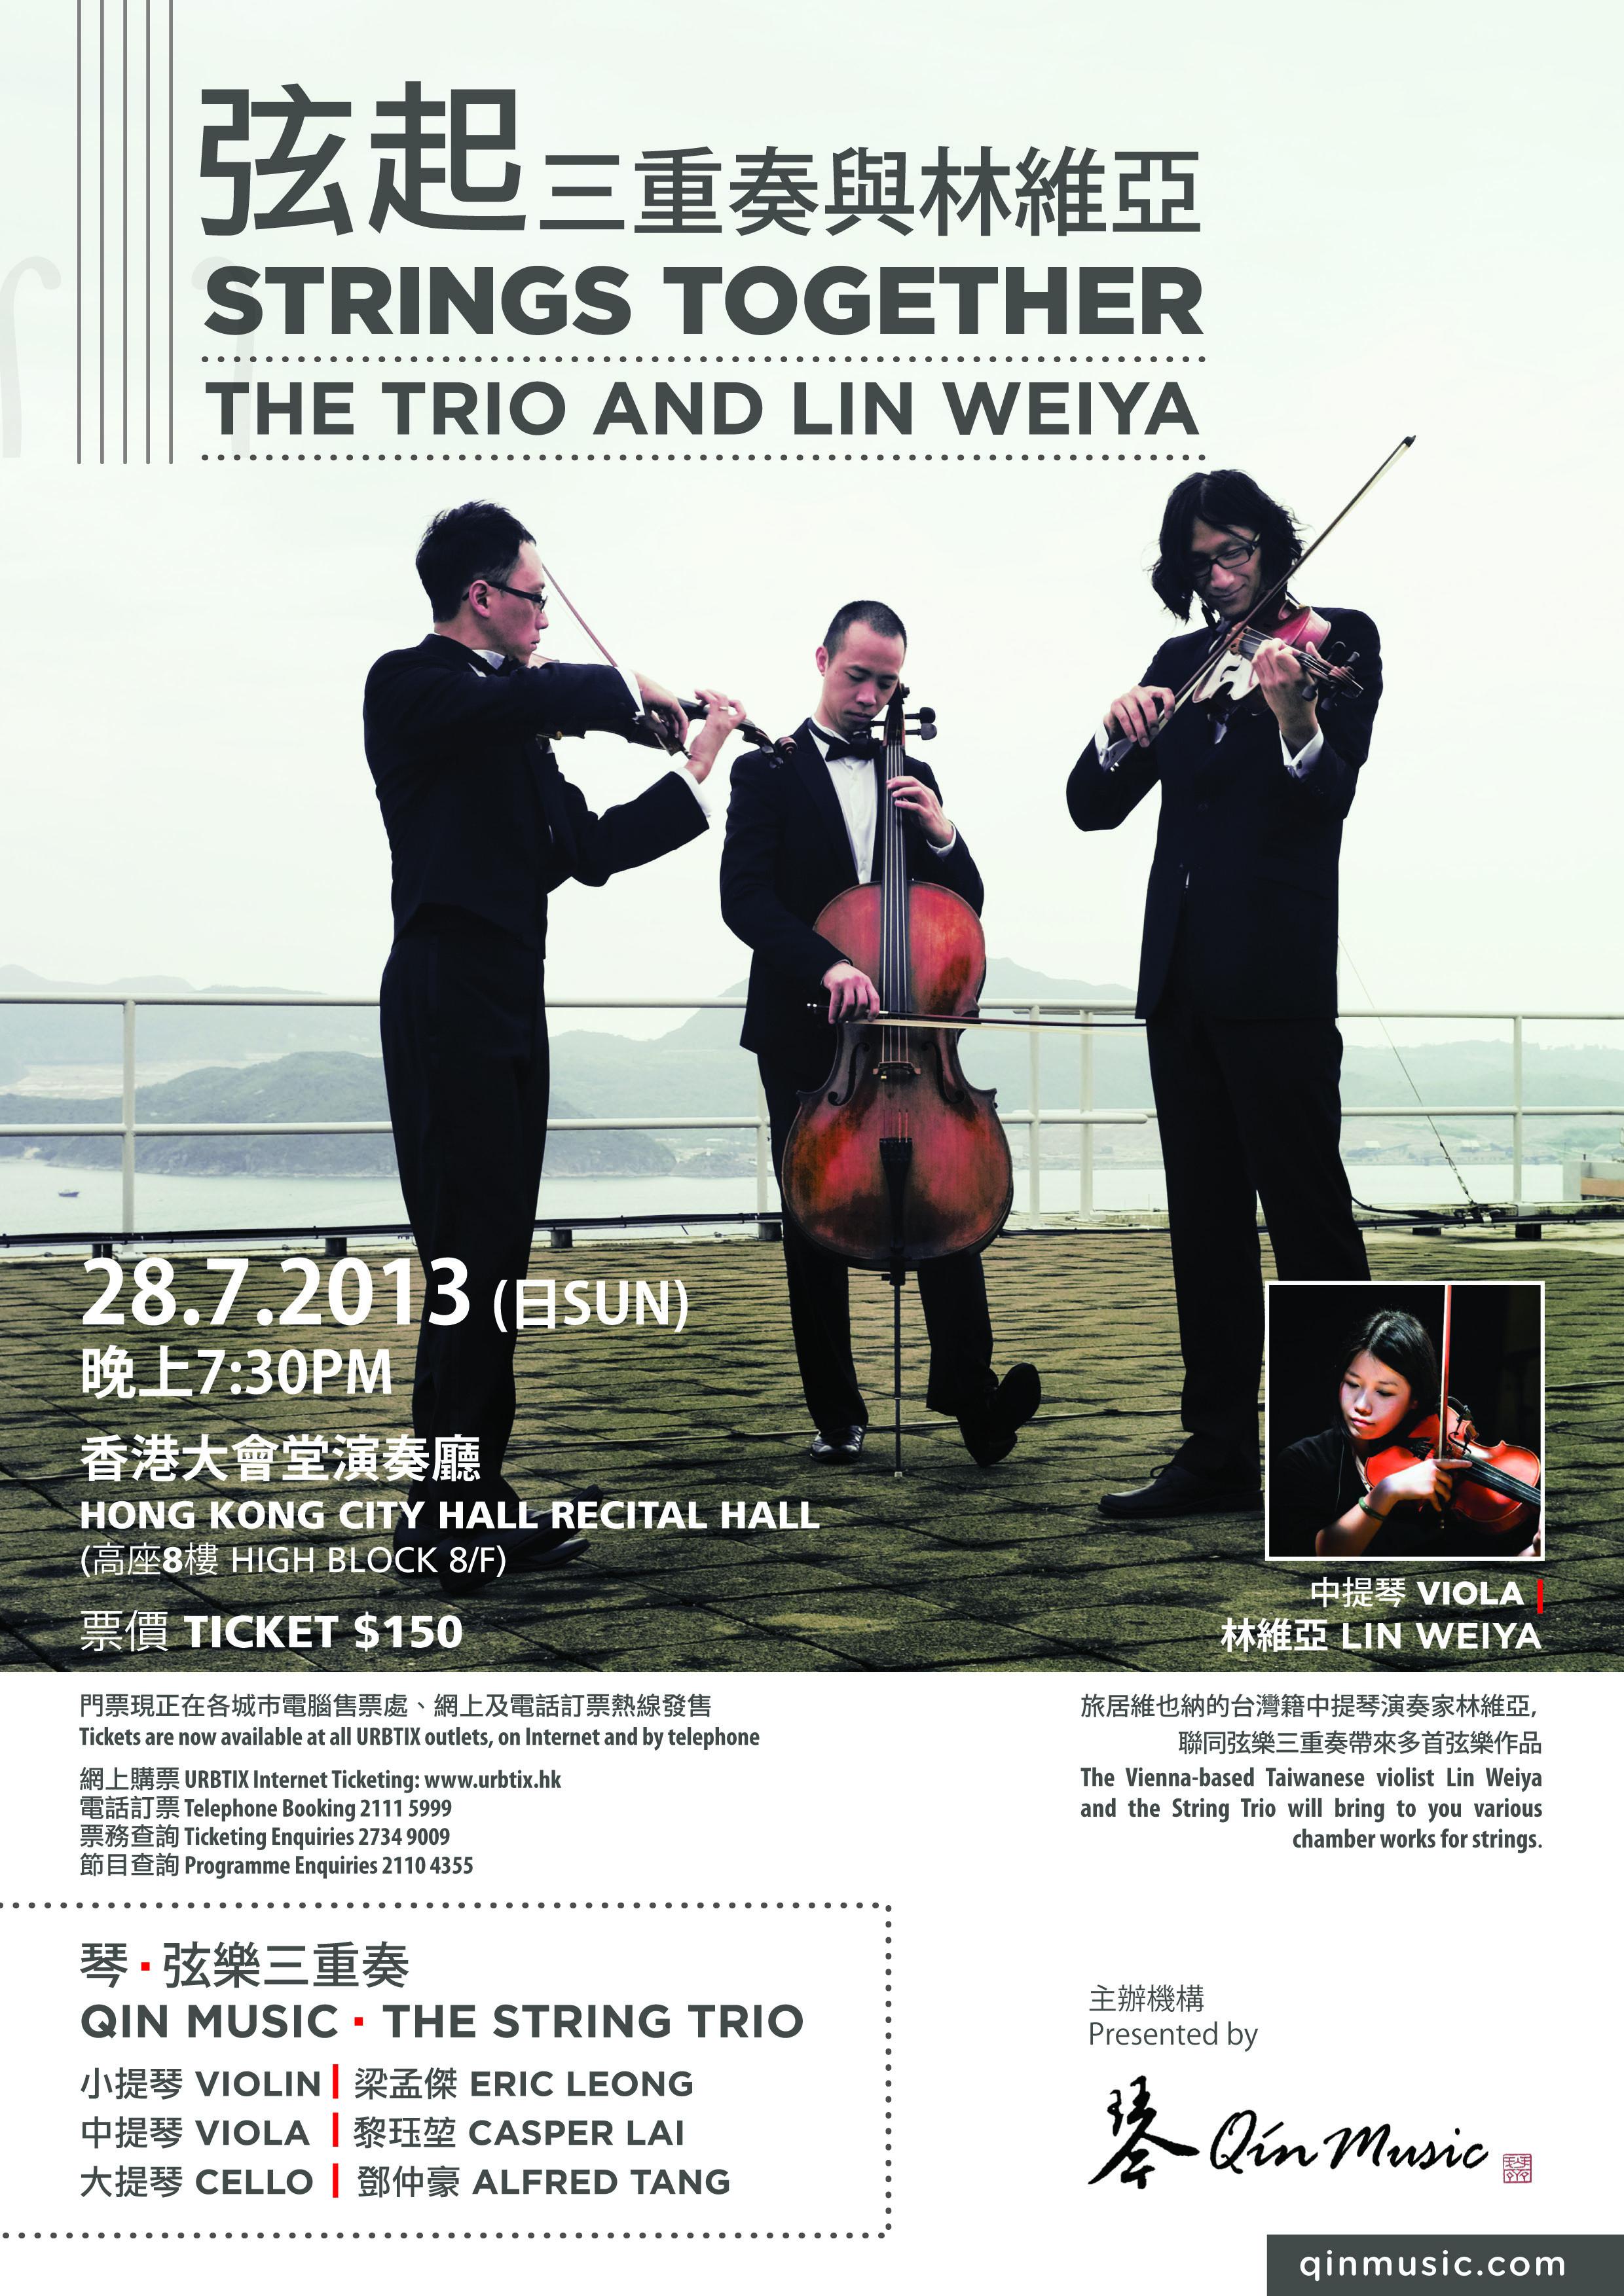 弦起 concert flyer v2 front